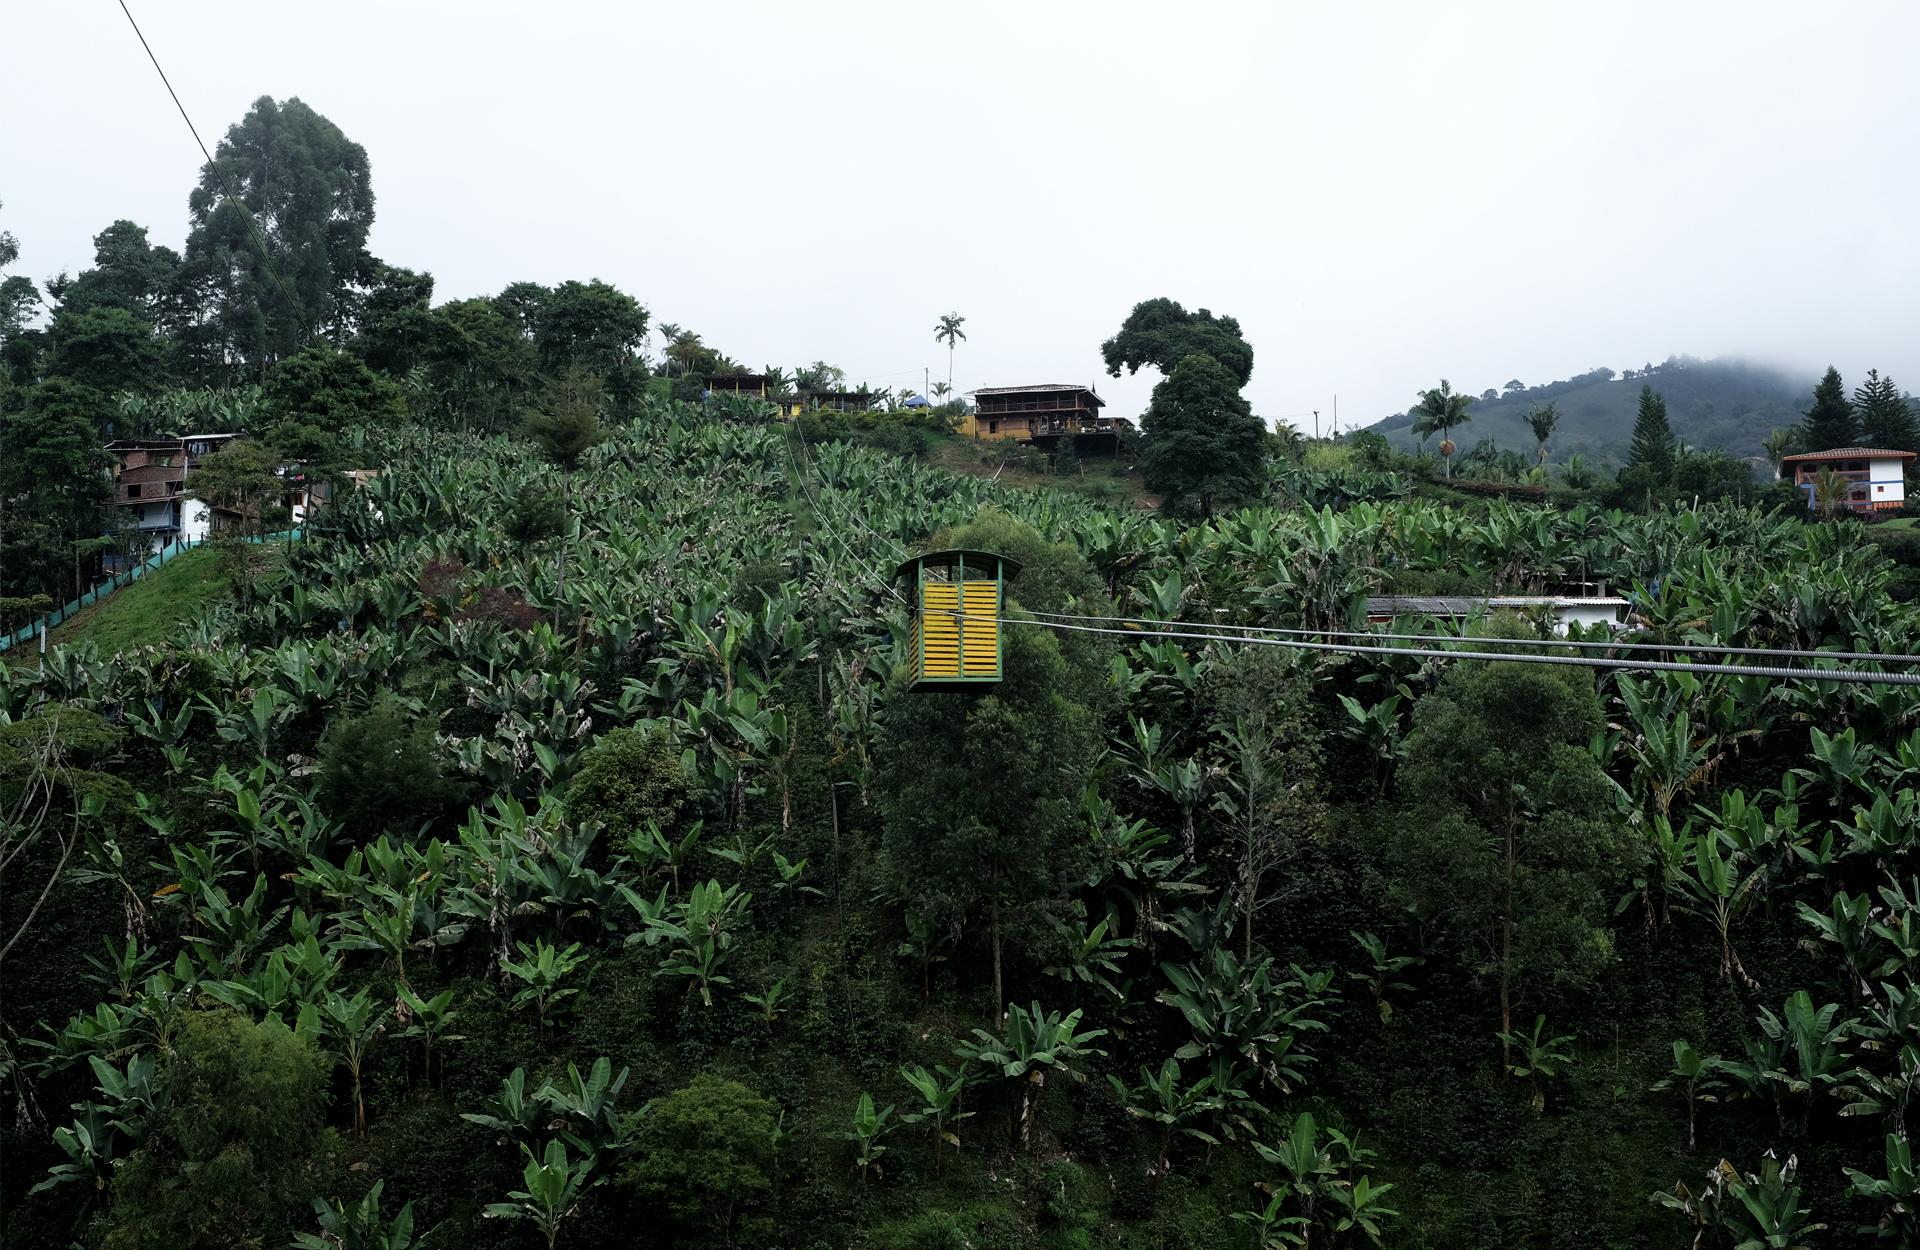 teleferico yellow banana tree